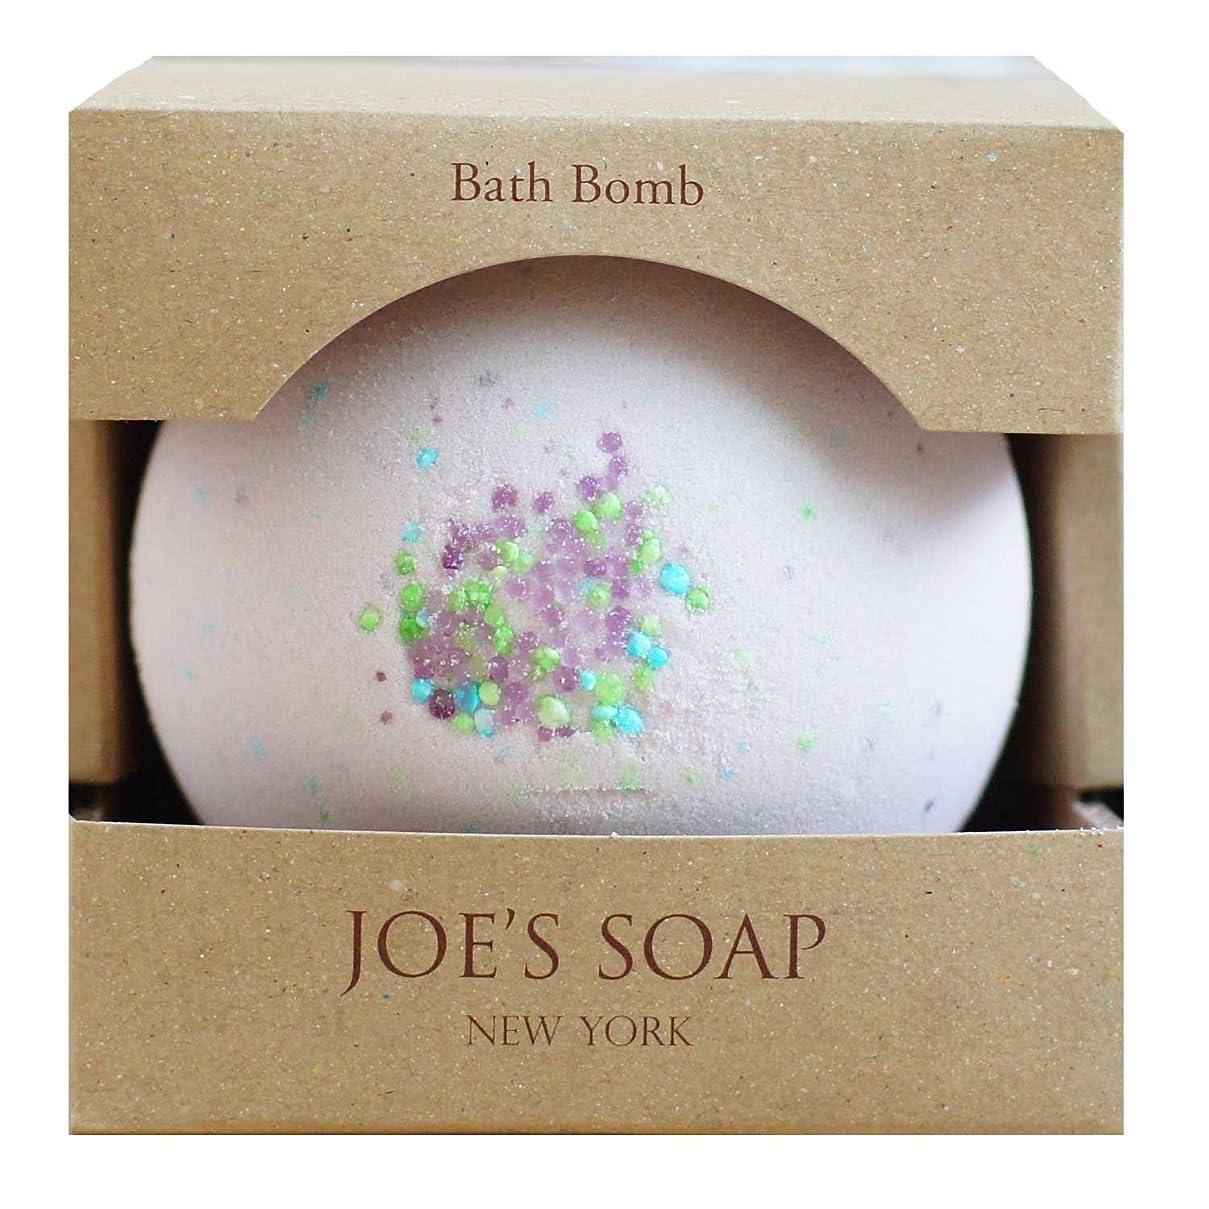 はしご怪物崖JOE'S SOAP ( ジョーズソープ ) バスボム(LOVE BIRD) バスボール 入浴剤 保湿 ボディケア スキンケア オリーブオイル はちみつ フト プレゼント